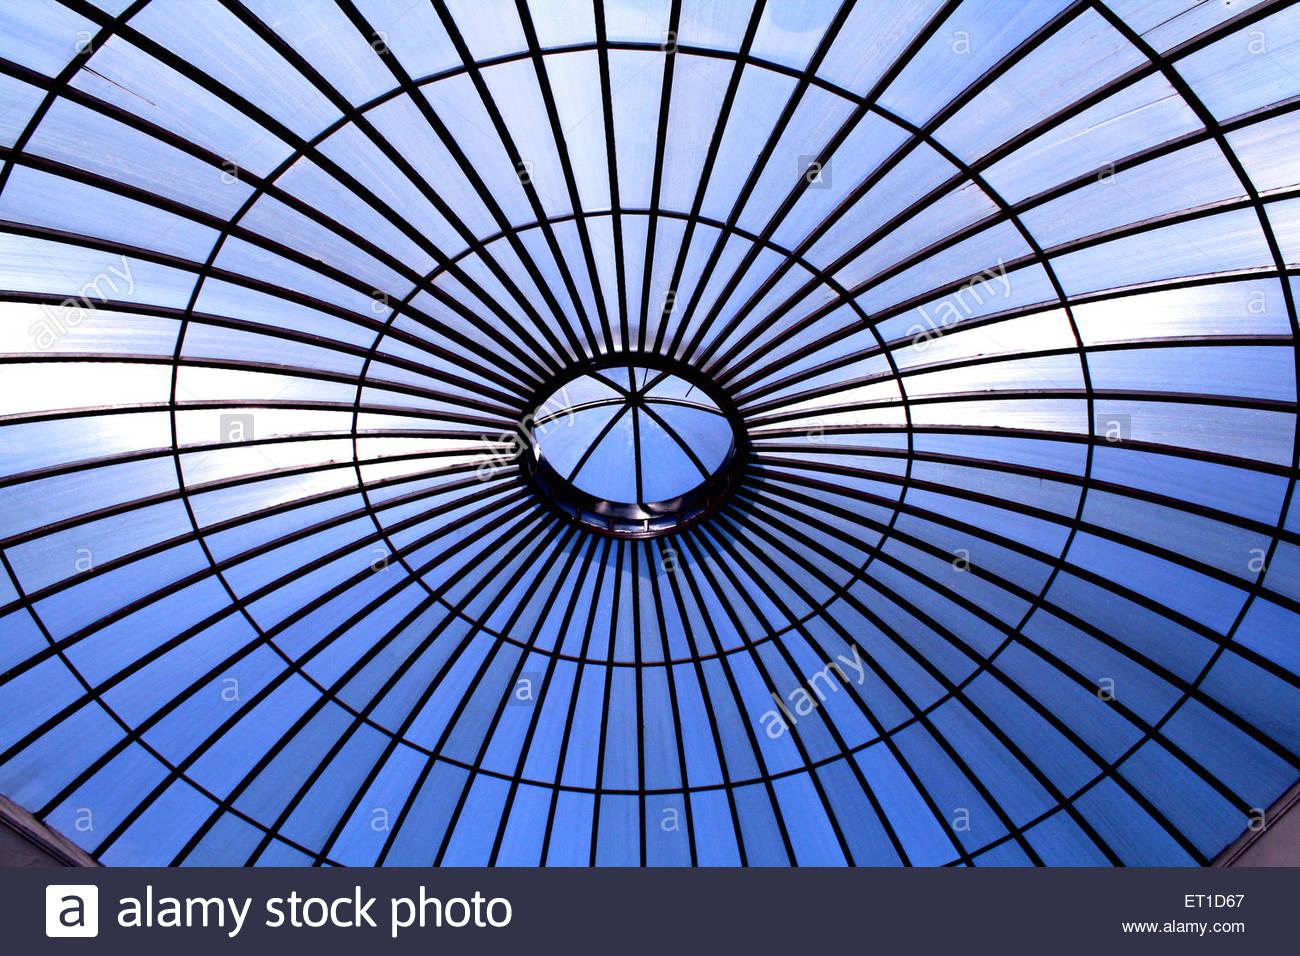 Modello circolare cerchi concentrici di griglia metallica blu e nero i colori Immagini Stock